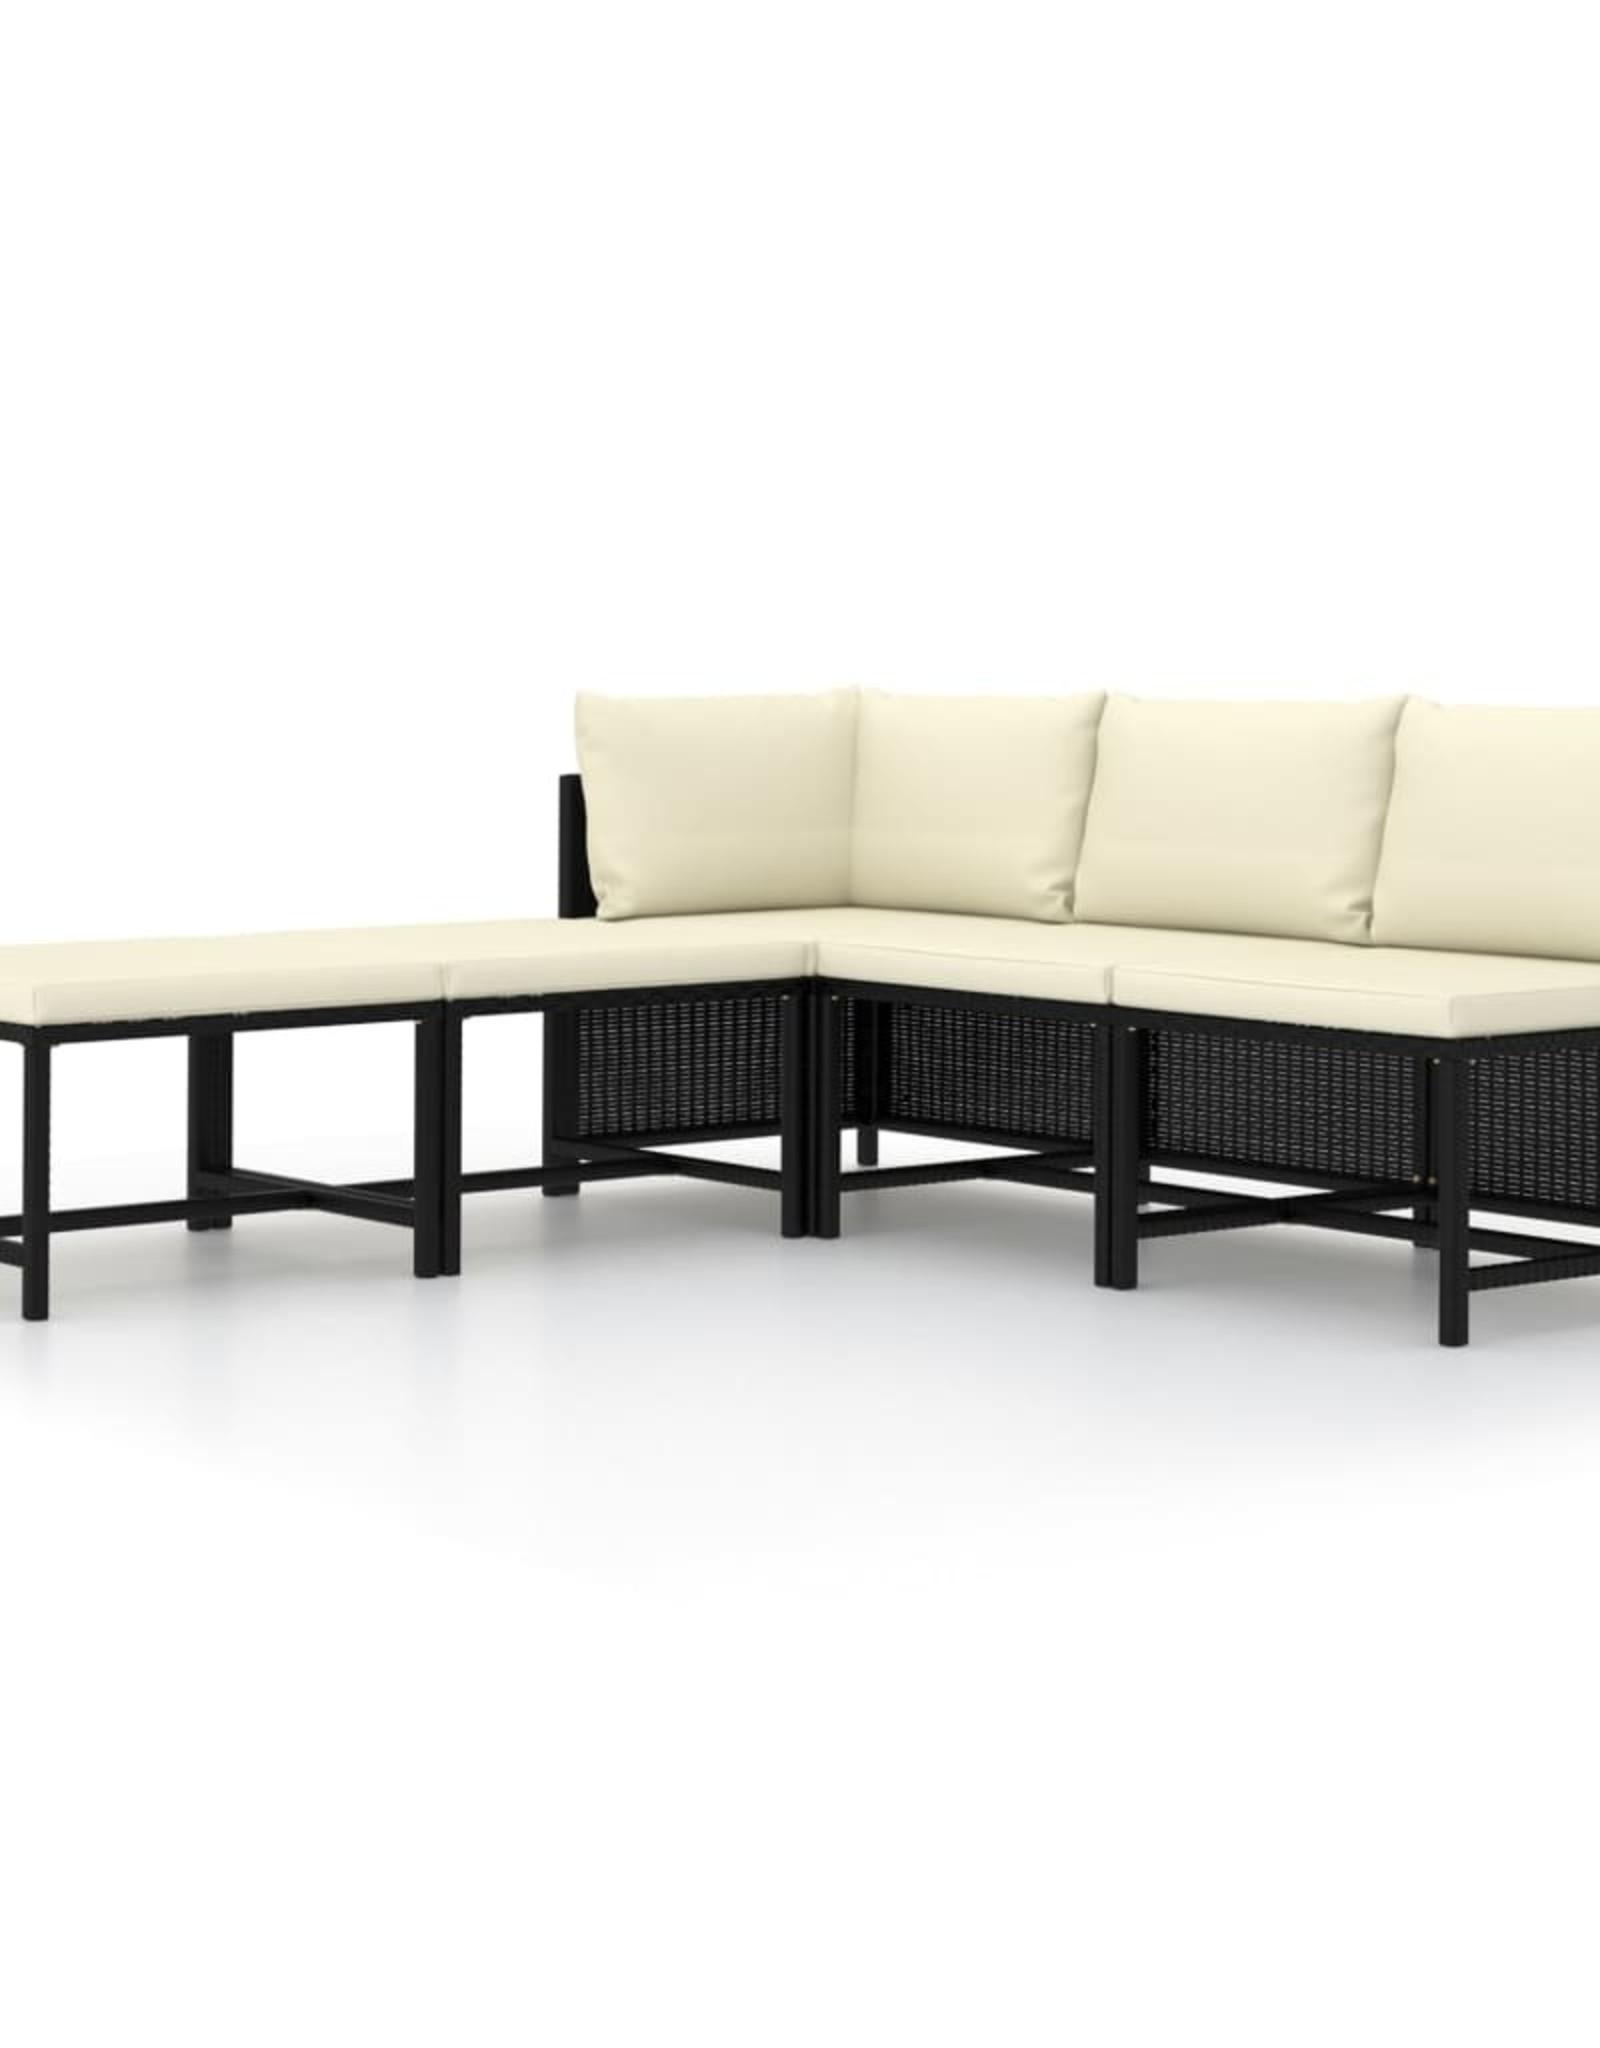 5-delige Loungeset met kussens poly rattan zwart